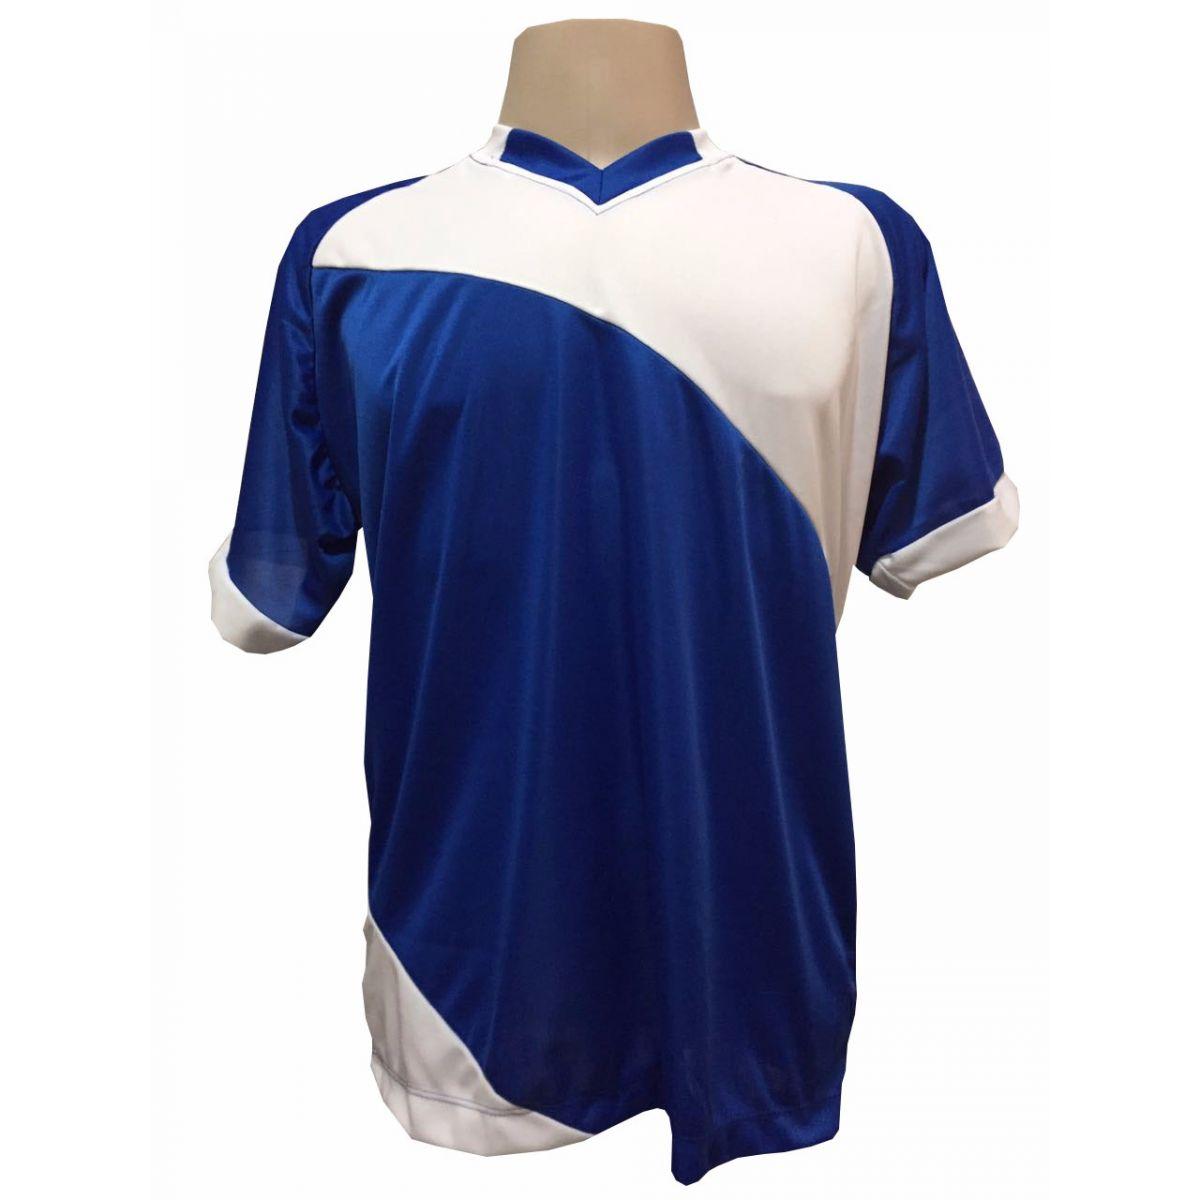 Uniforme Esportivo com 20 Camisas modelo Bélgica Royal/Branco + 20 Calções modelo Madrid Branco